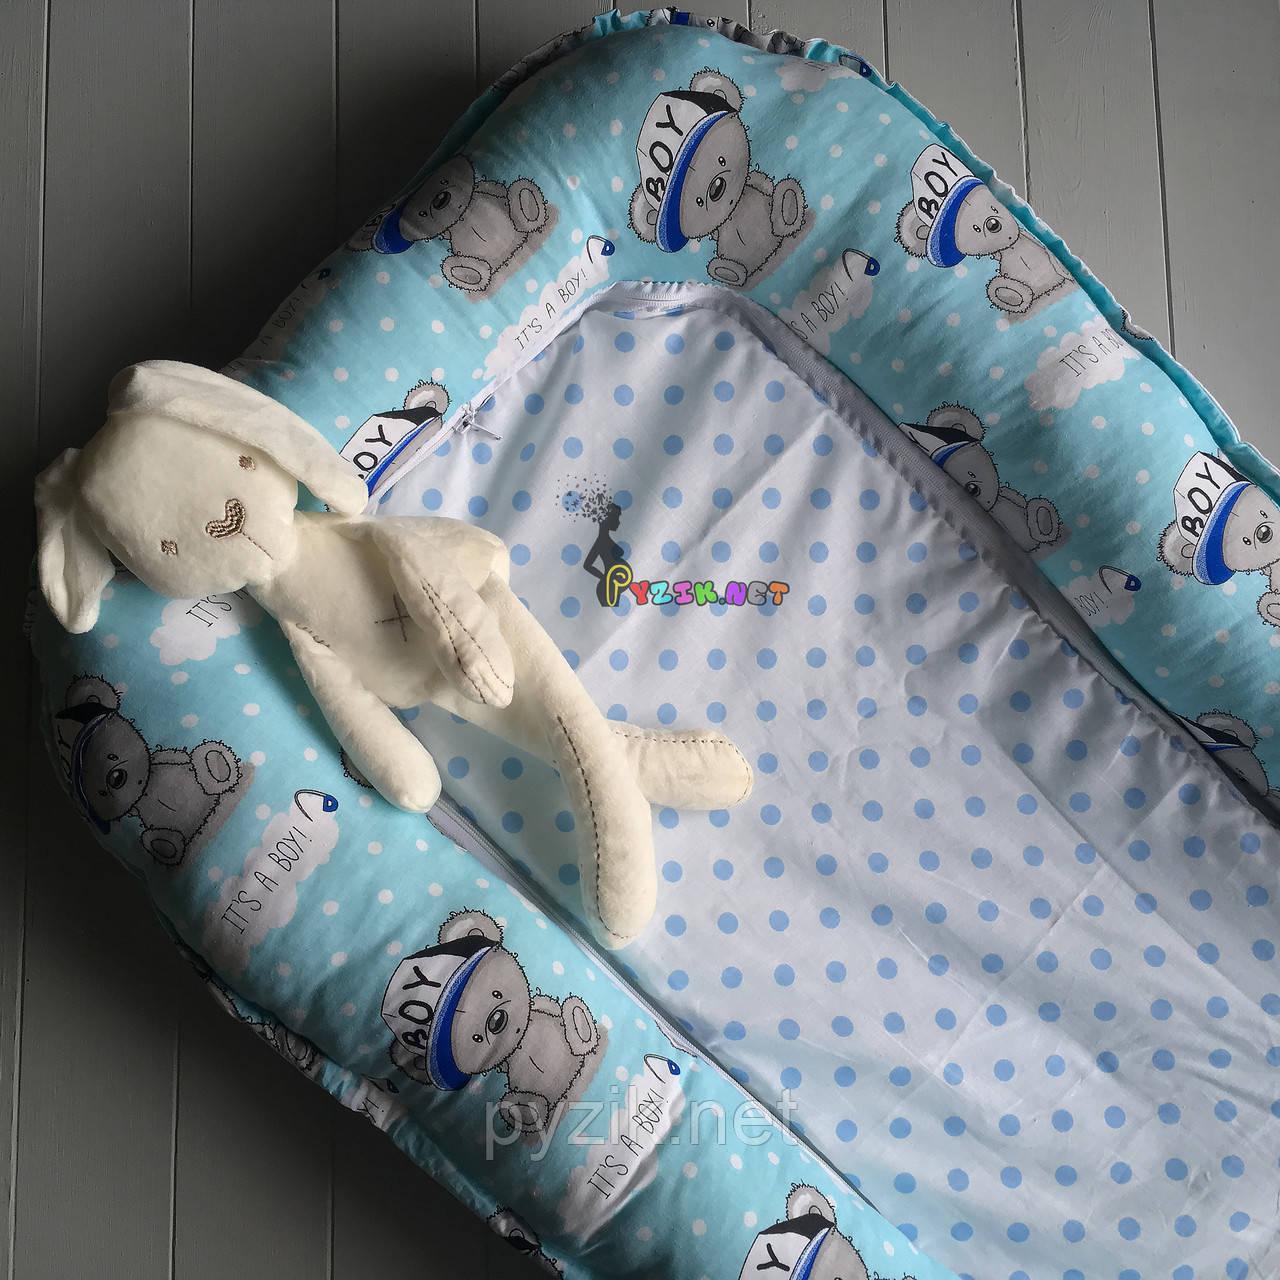 Гнездо-кокон для новорожденного 85Х40 см (подушка для беременной, подушка для кормления) Мишки голубой